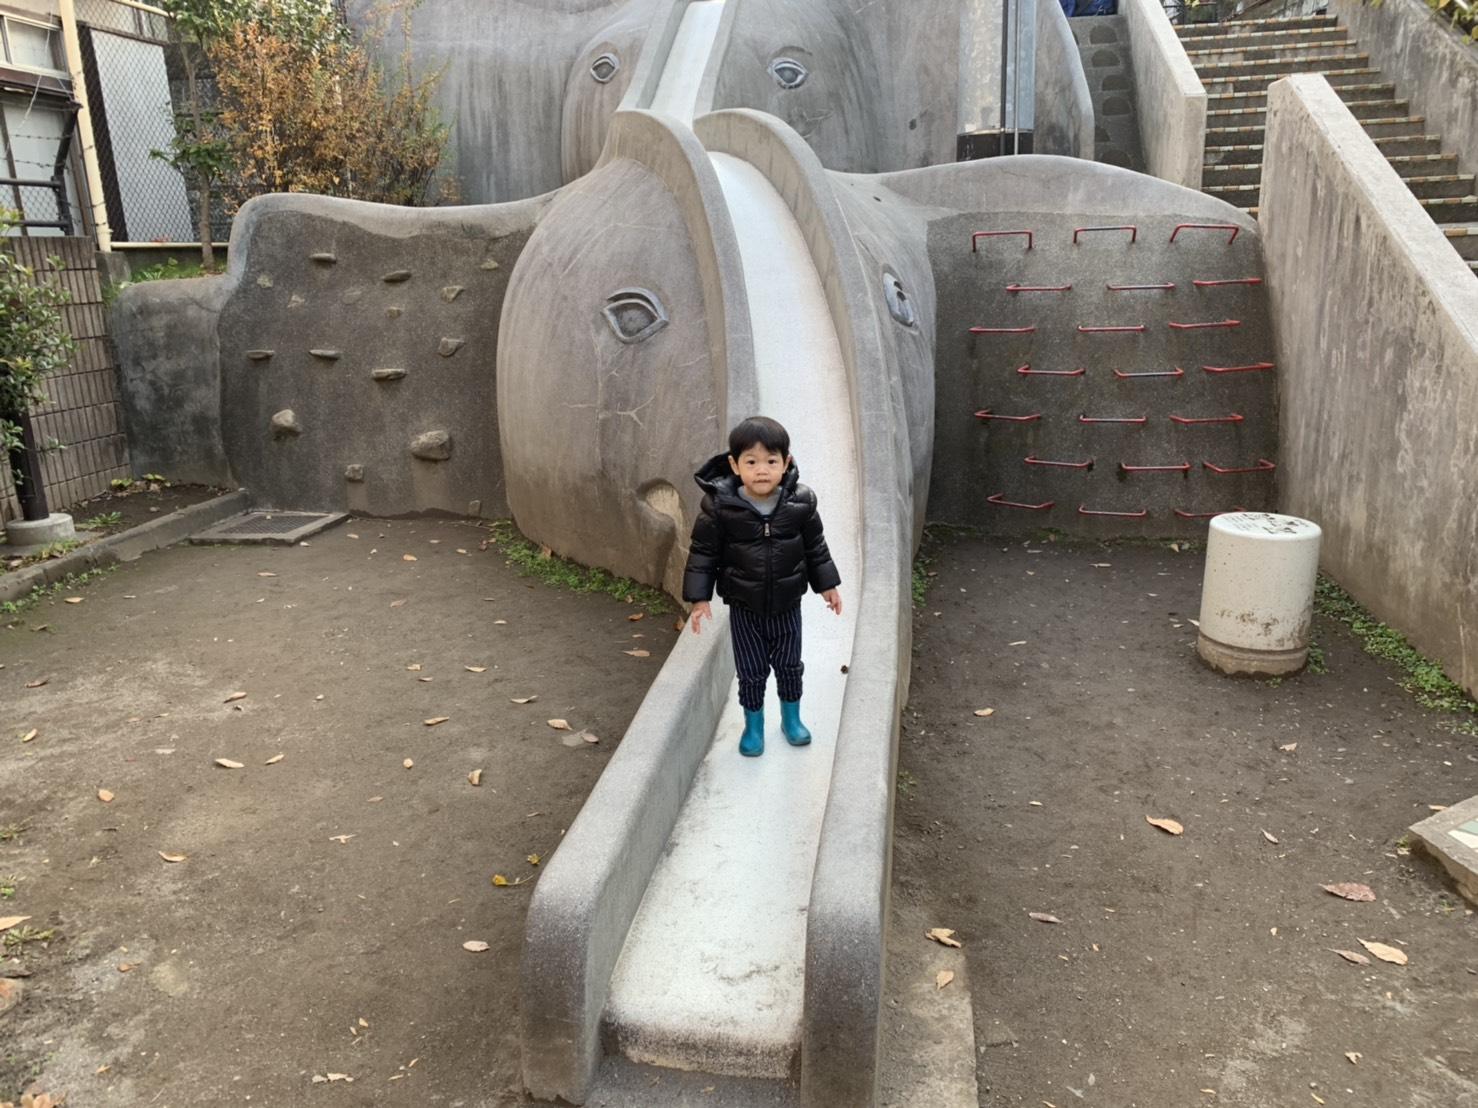 位於神樂坂的あかぎ兒童遊園隱身在巷弄當中,要小心不要錯過了!